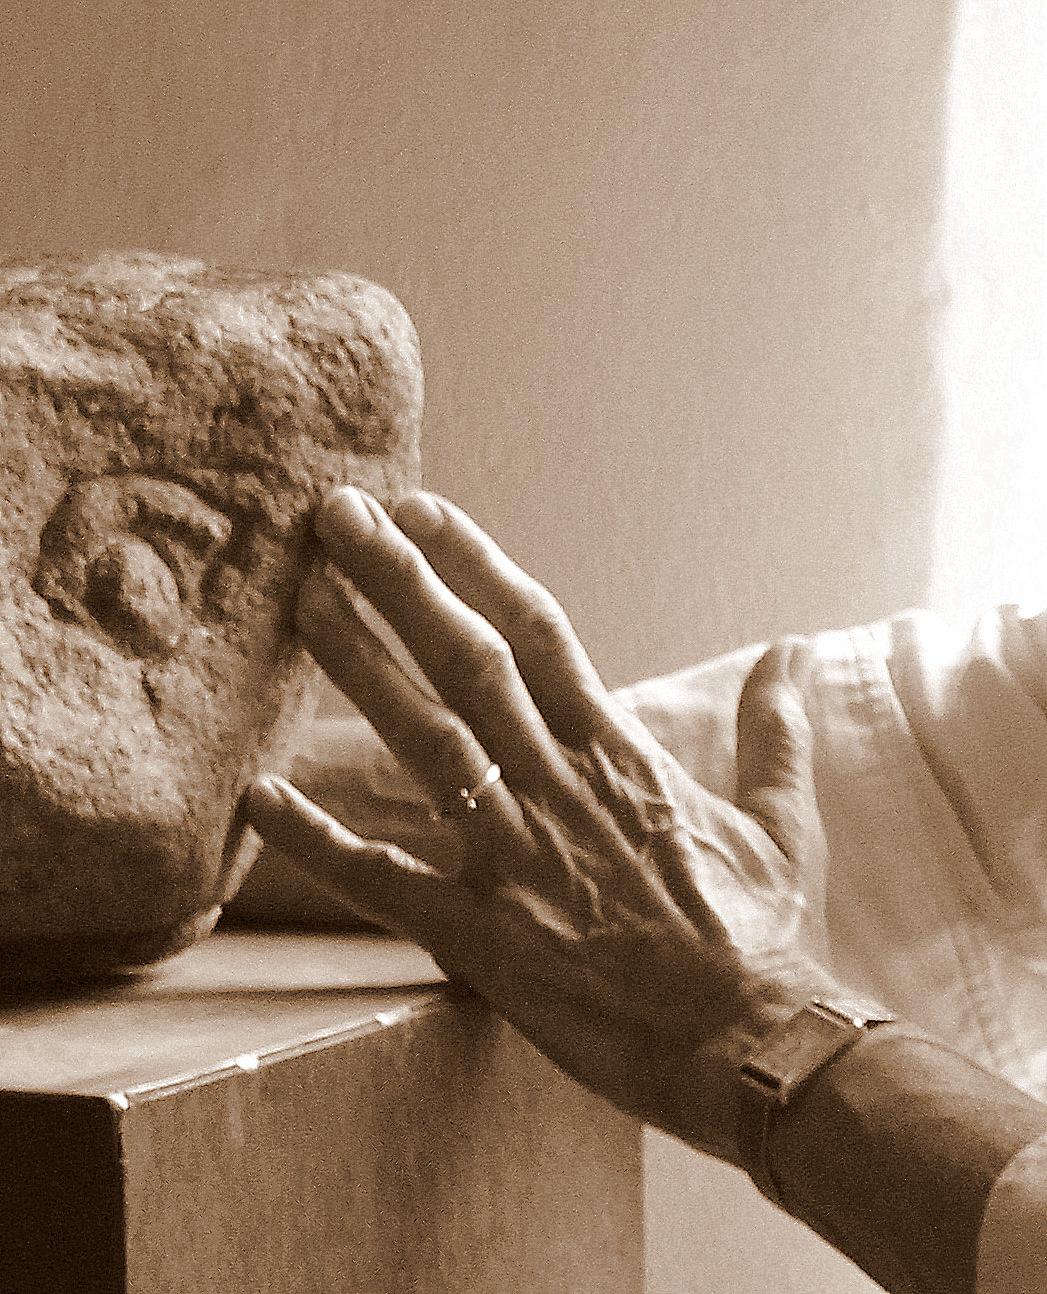 Hände an Stein (Teilnehmerin) ERKUNDEN